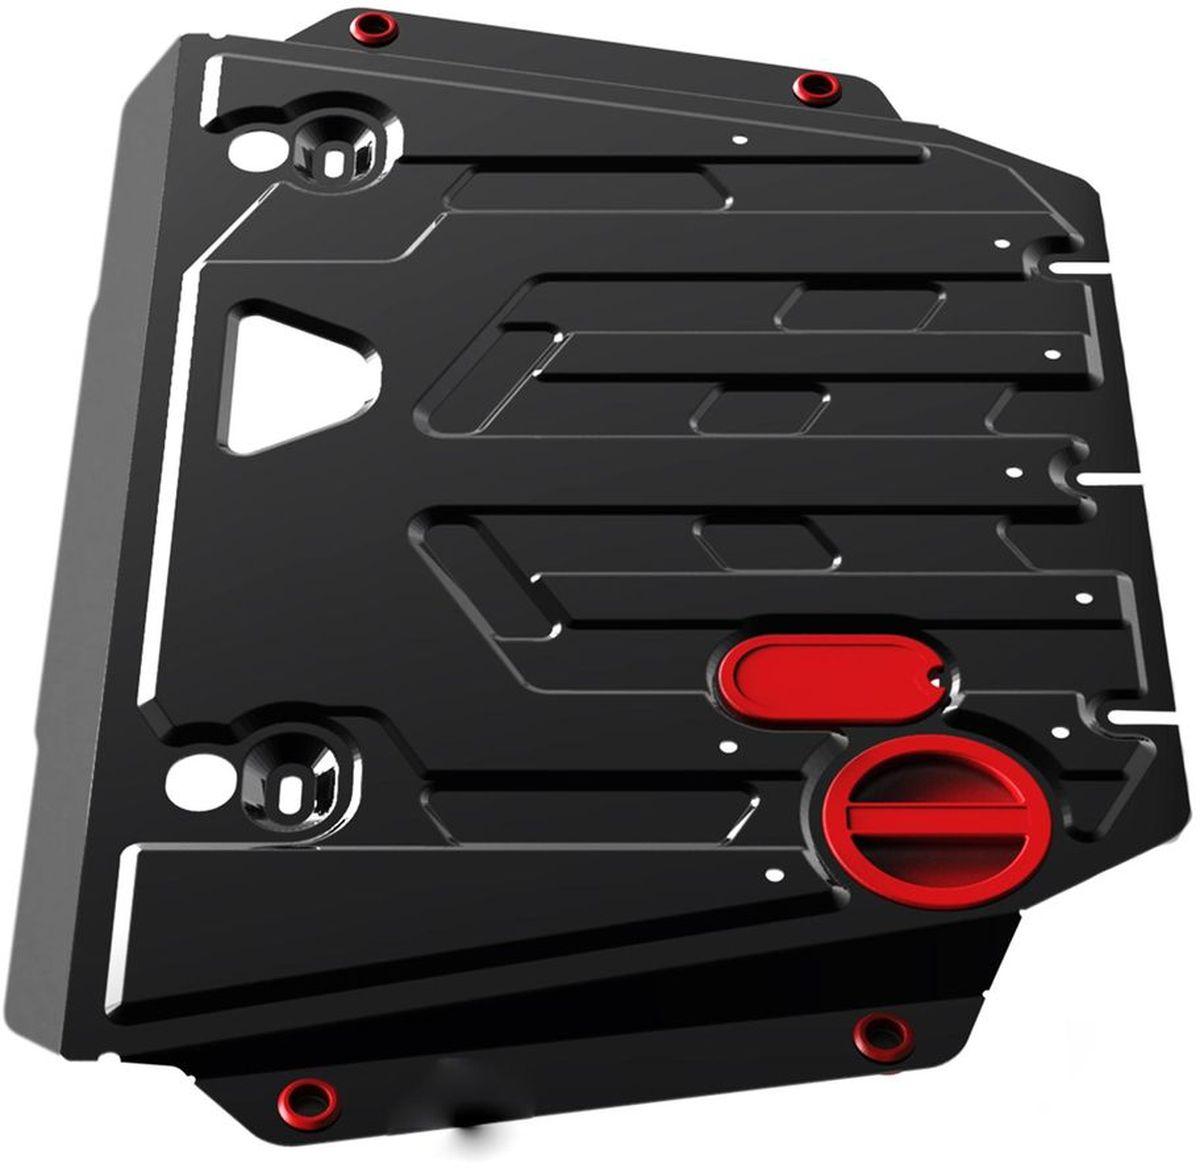 Защита картера и КПП Автоброня, для Honda Civic 5dr (Hatchback) V - 1,8 (2006-2012)1004900000360Технологически совершенный продукт за невысокую стоимость.Защита разработана с учетом особенностей днища автомобиля, что позволяет сохранить дорожный просвет с минимальным изменением.Защита устанавливается в штатные места кузова автомобиля. Глубокий штамп обеспечивает до двух раз больше жесткости в сравнении с обычной защитой той же толщины. Проштампованные ребра жесткости препятствуют деформации защиты при ударах.Тепловой зазор и вентиляционные отверстия обеспечивают сохранение температурного режима двигателя в норме. Скрытый крепеж предотвращает срыв крепежных элементов при наезде на препятствие.Шумопоглощающие резиновые элементы обеспечивают комфортную езду без вибраций и скрежета металла, а съемные лючки для слива масла и замены фильтра - экономию средств и время.Конструкция изделия не влияет на пассивную безопасность автомобиля (при ударе защита не воздействует на деформационные зоны кузова). Со штатным крепежом. В комплекте инструкция по установке.Толщина стали: 2 мм.Уважаемые клиенты!Обращаем ваше внимание, что элемент защиты имеет форму, соответствующую модели данного автомобиля. Фото служит для визуального восприятия товара и может отличаться от фактического.